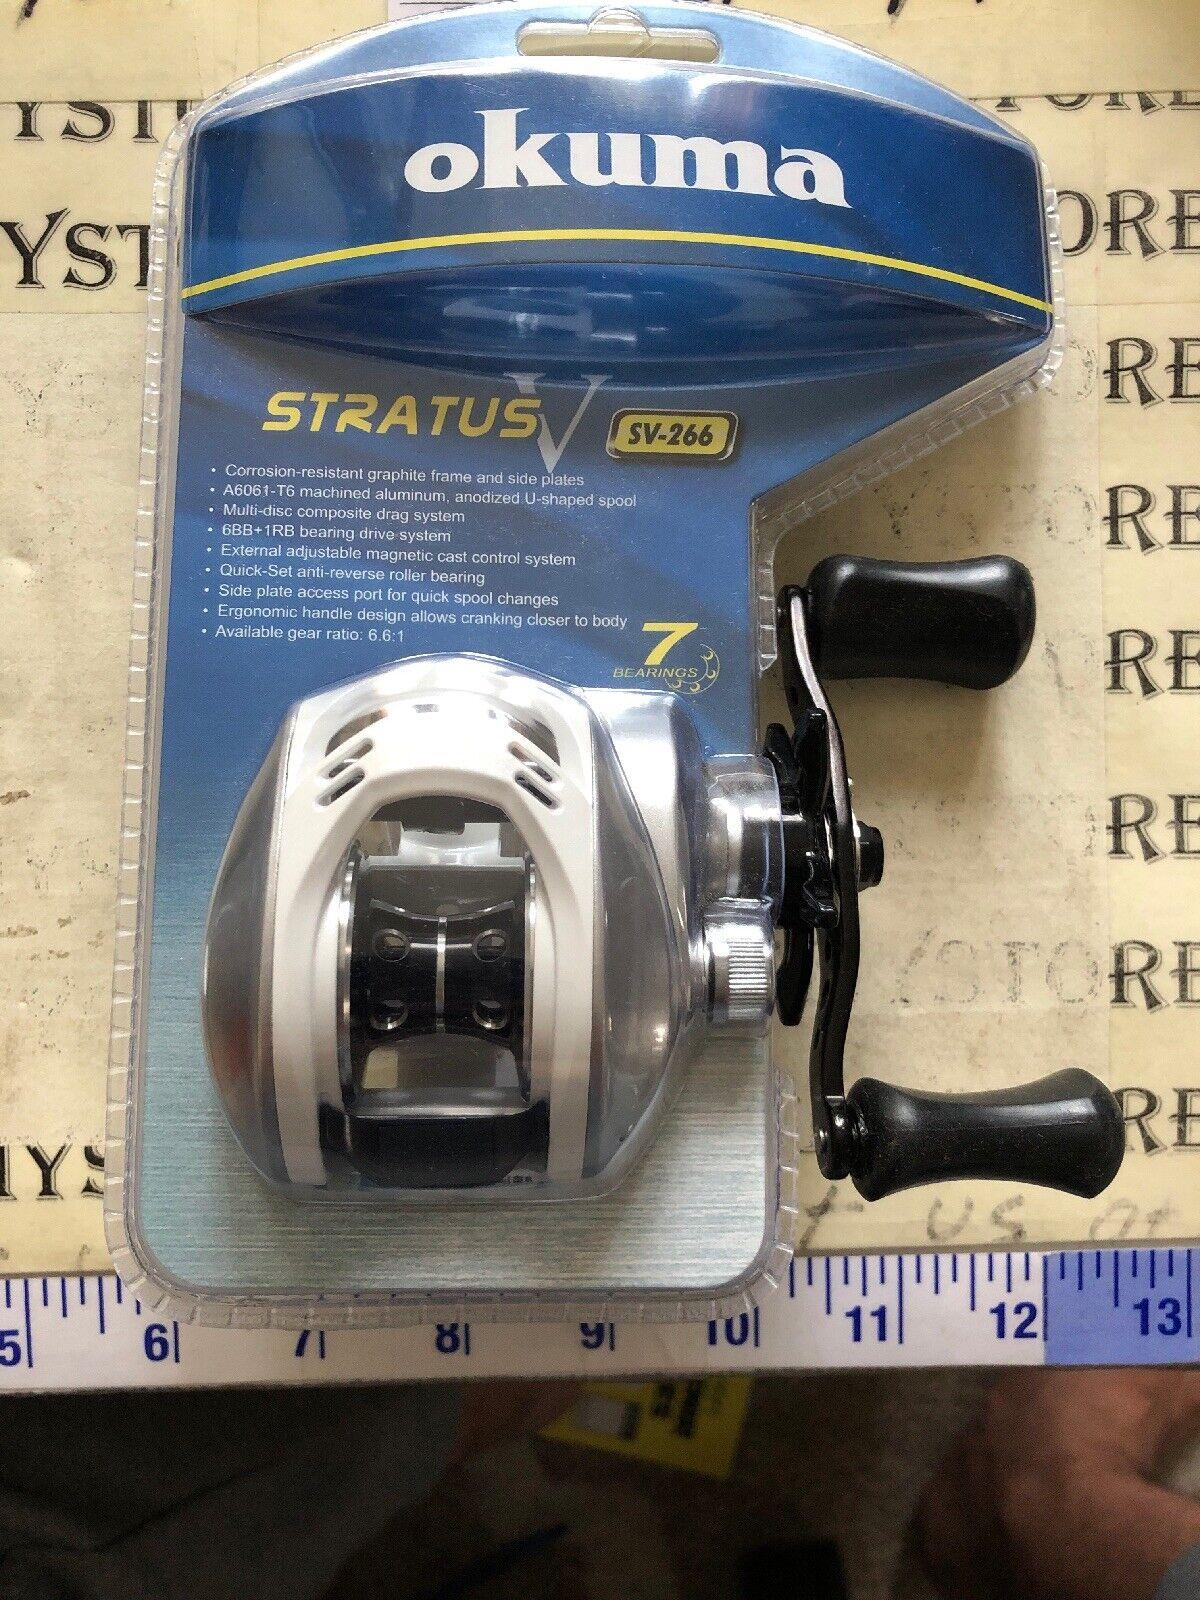 NEW OKUMA SV266 STRATUS V BAITCASTING FISHING REEL  7BB 6.6 1 12lb130yds RH